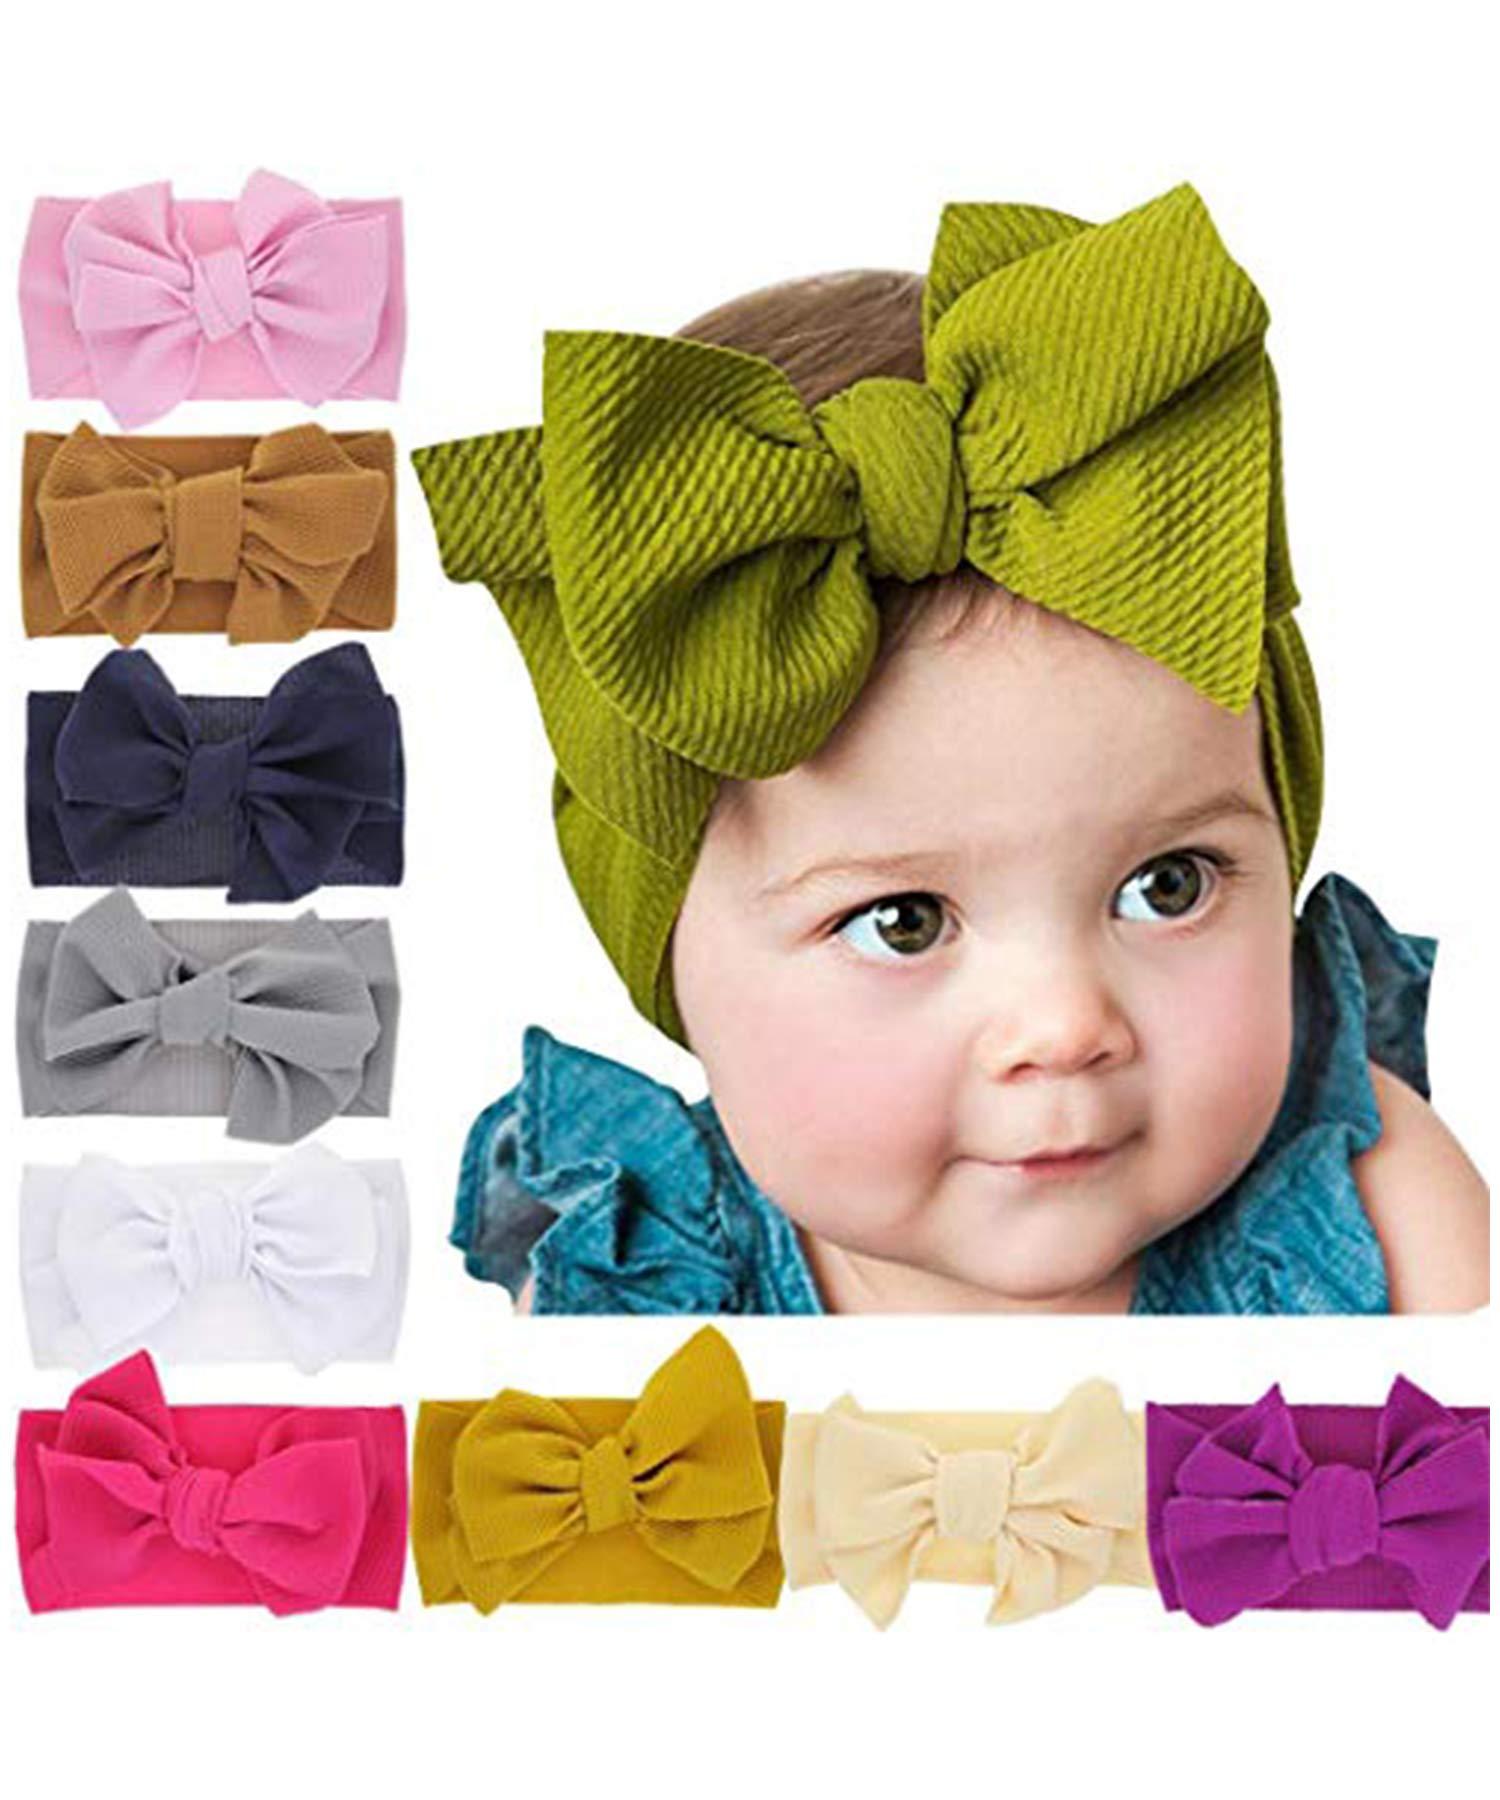 Yirind 1Pc Kids Cute Bow Headwear Soft High Elastic Baby Headband Hair Accessories